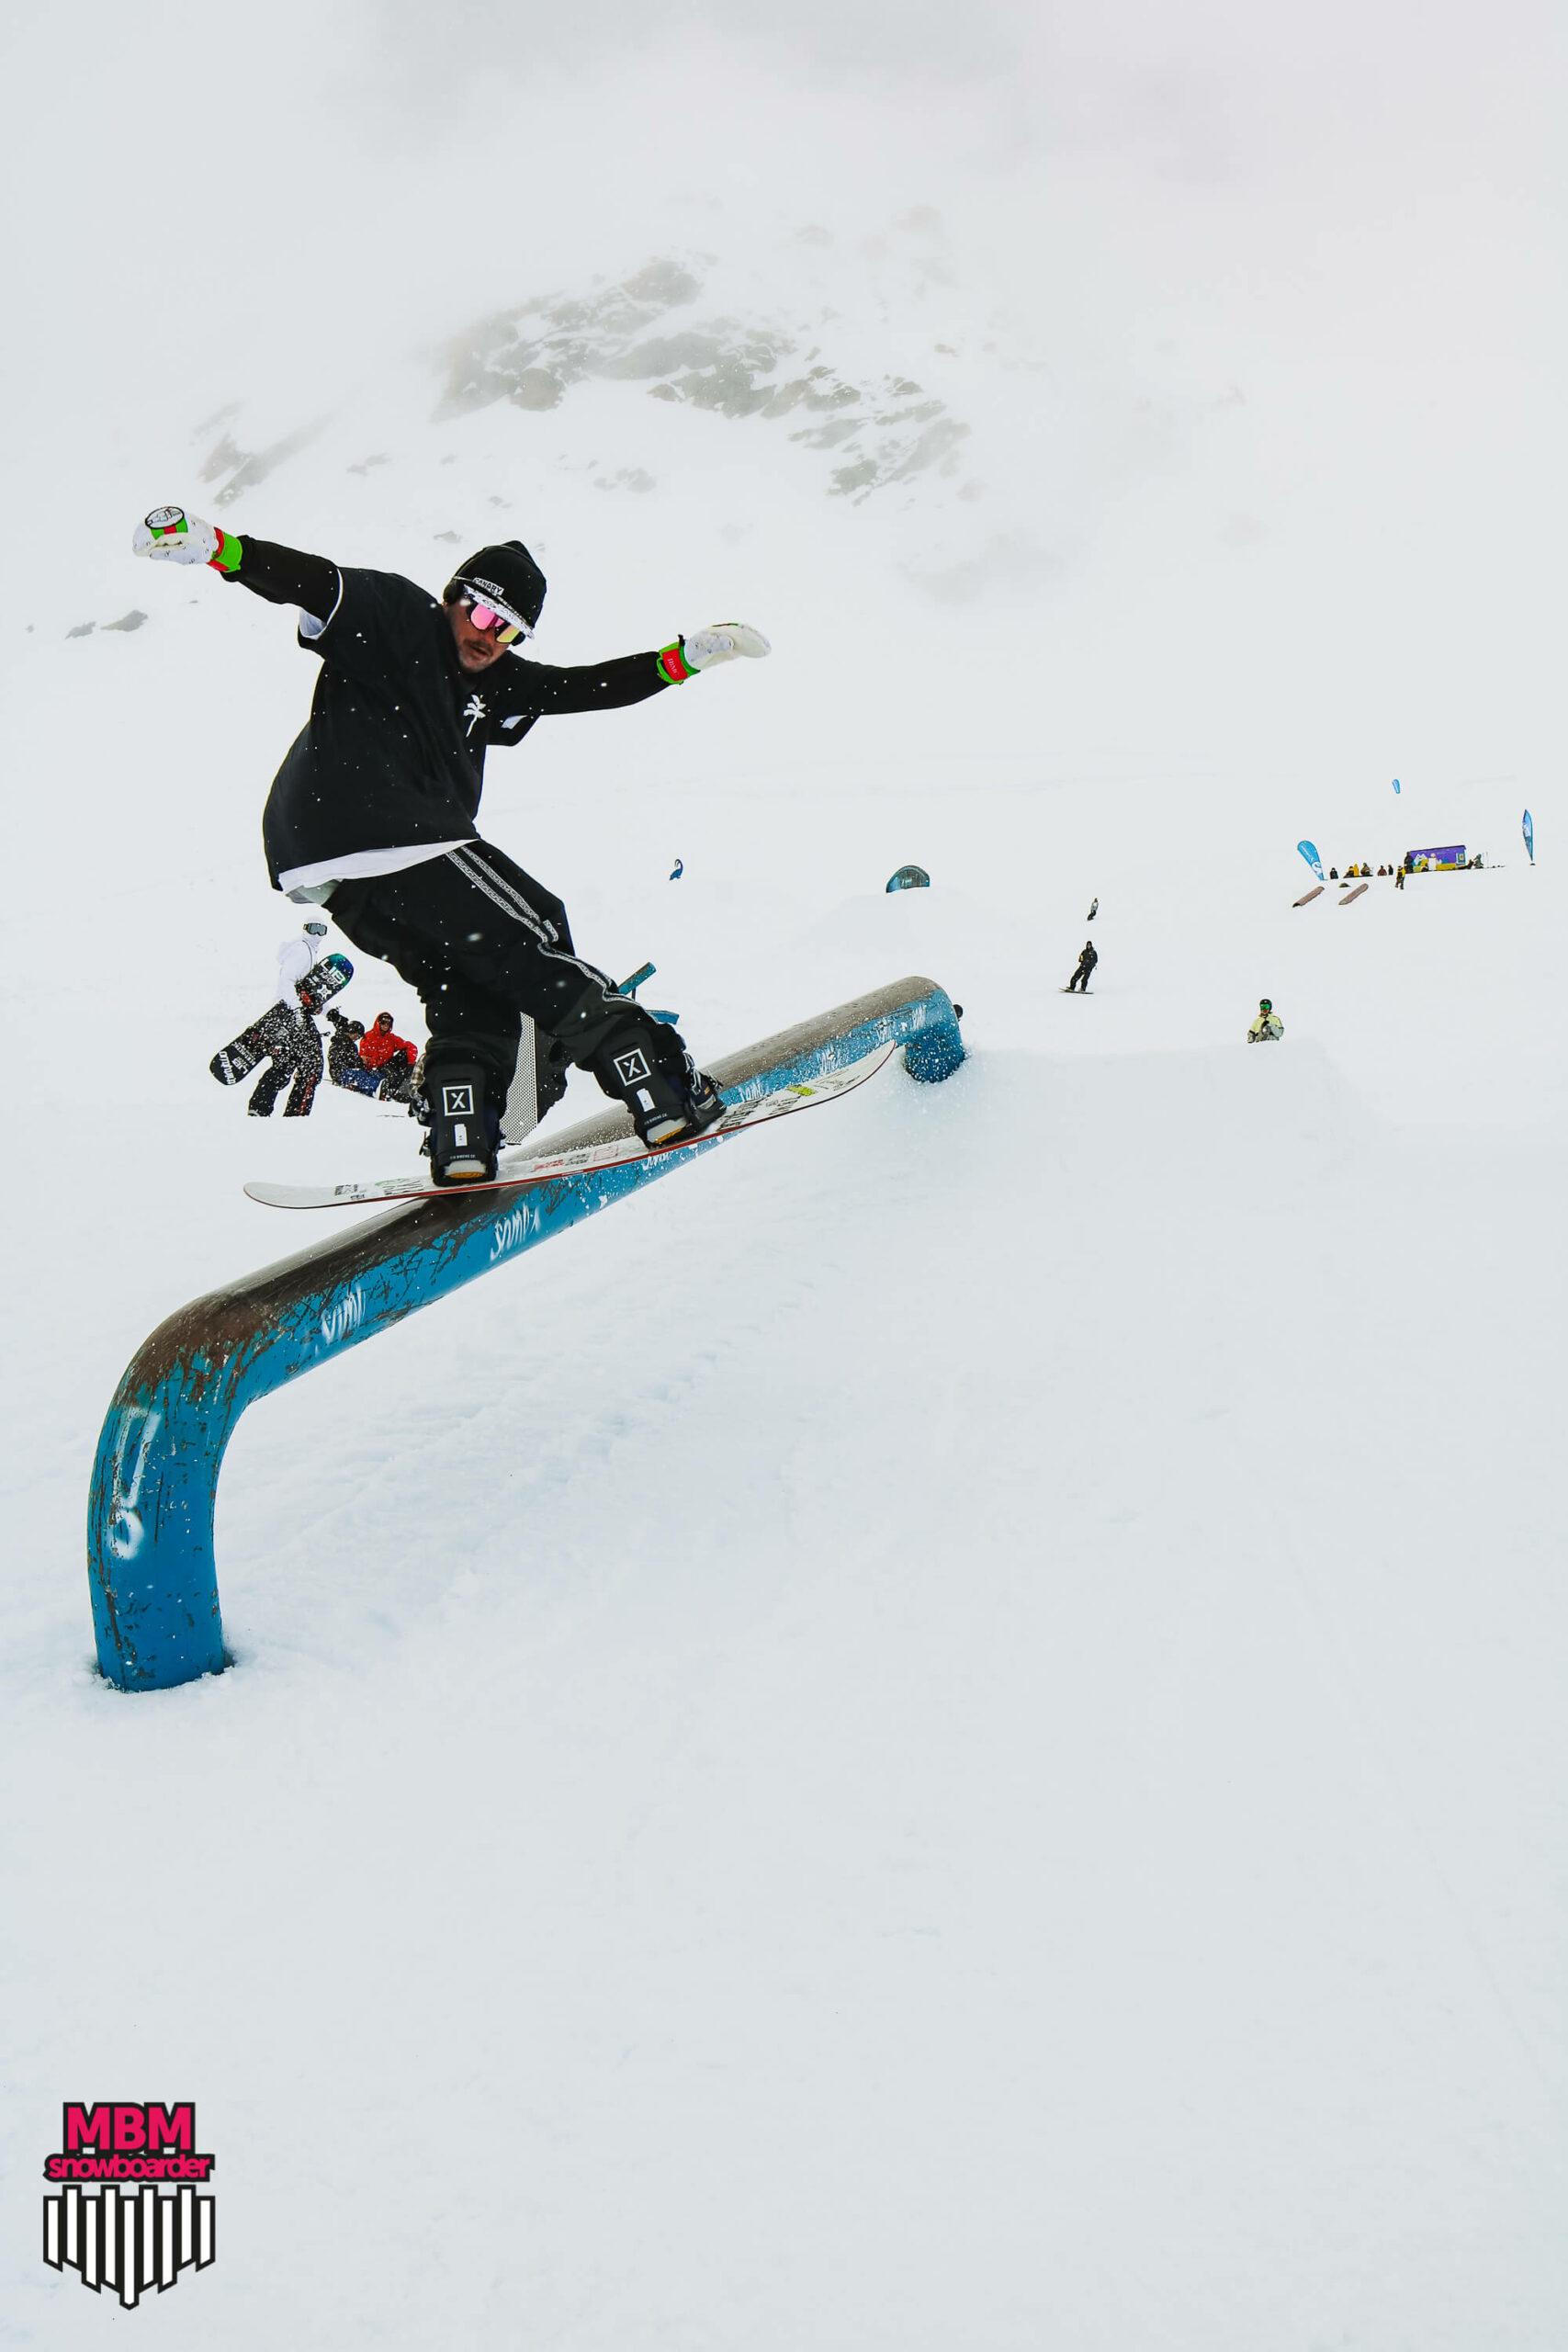 snowboarderMBM_sd_kaunertal_099